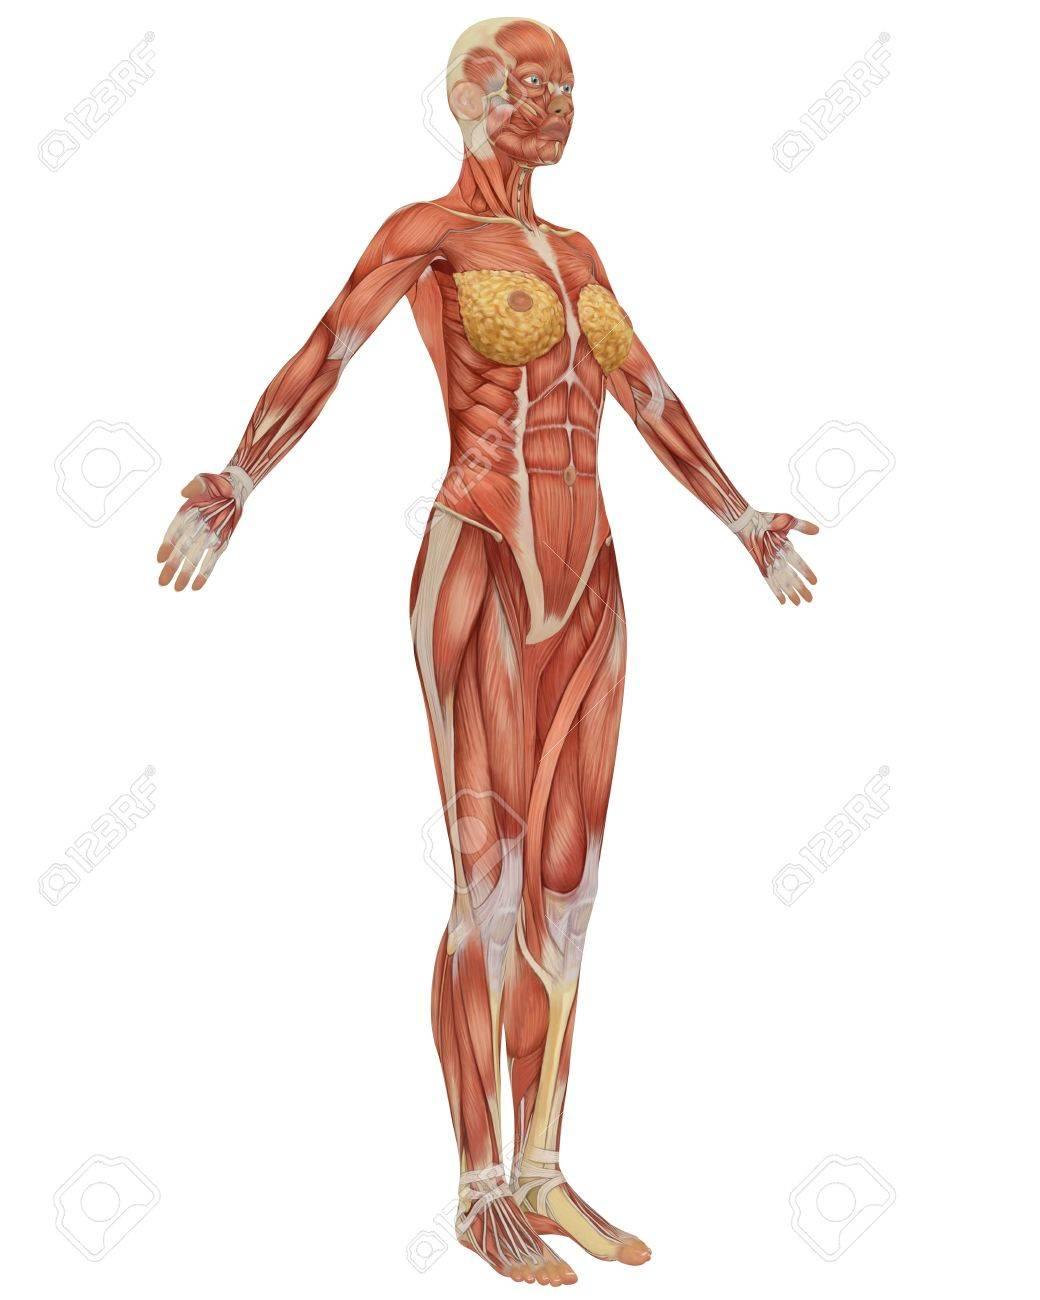 女性の筋肉の解剖学の側面図です...